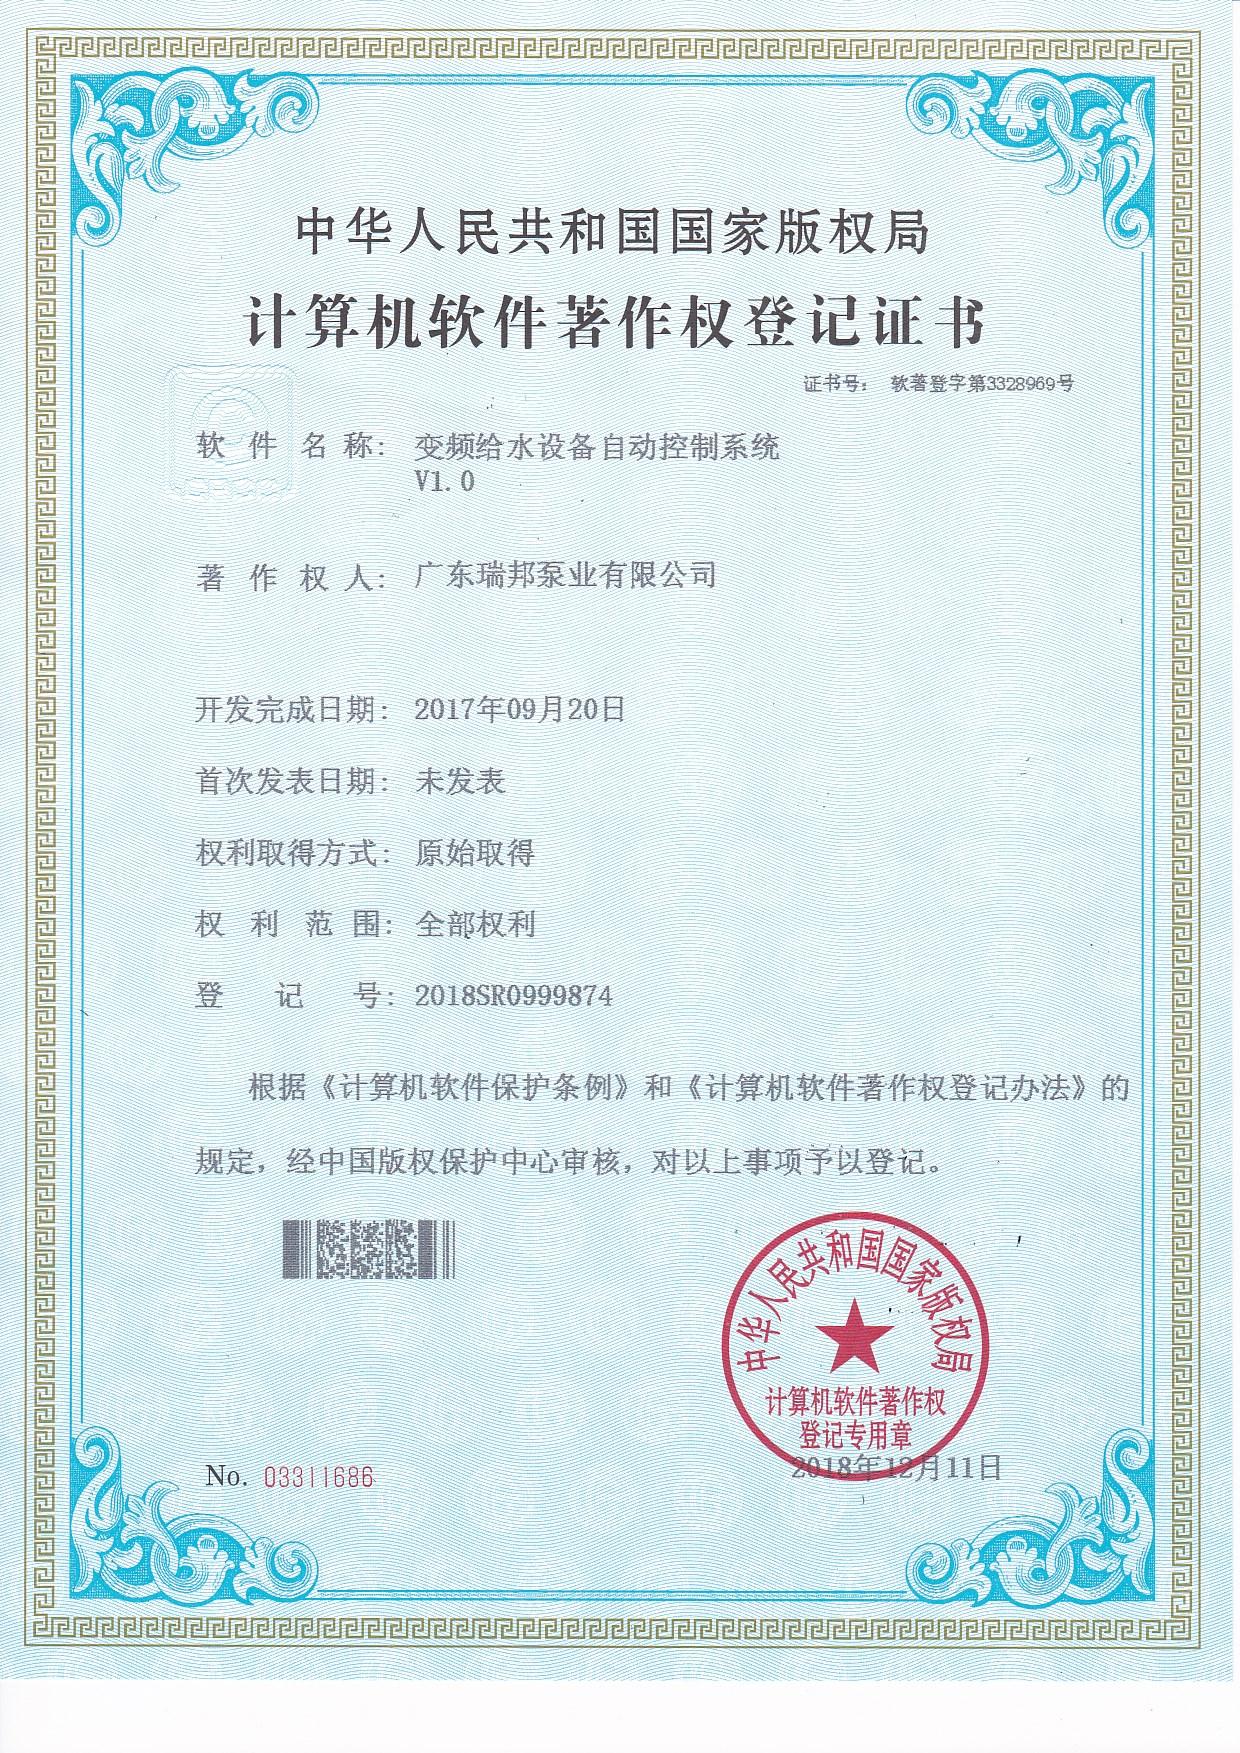 丝瓜视频APP在线下载专利证书-3ddd302c758fe4a9a95bc19f94ff221